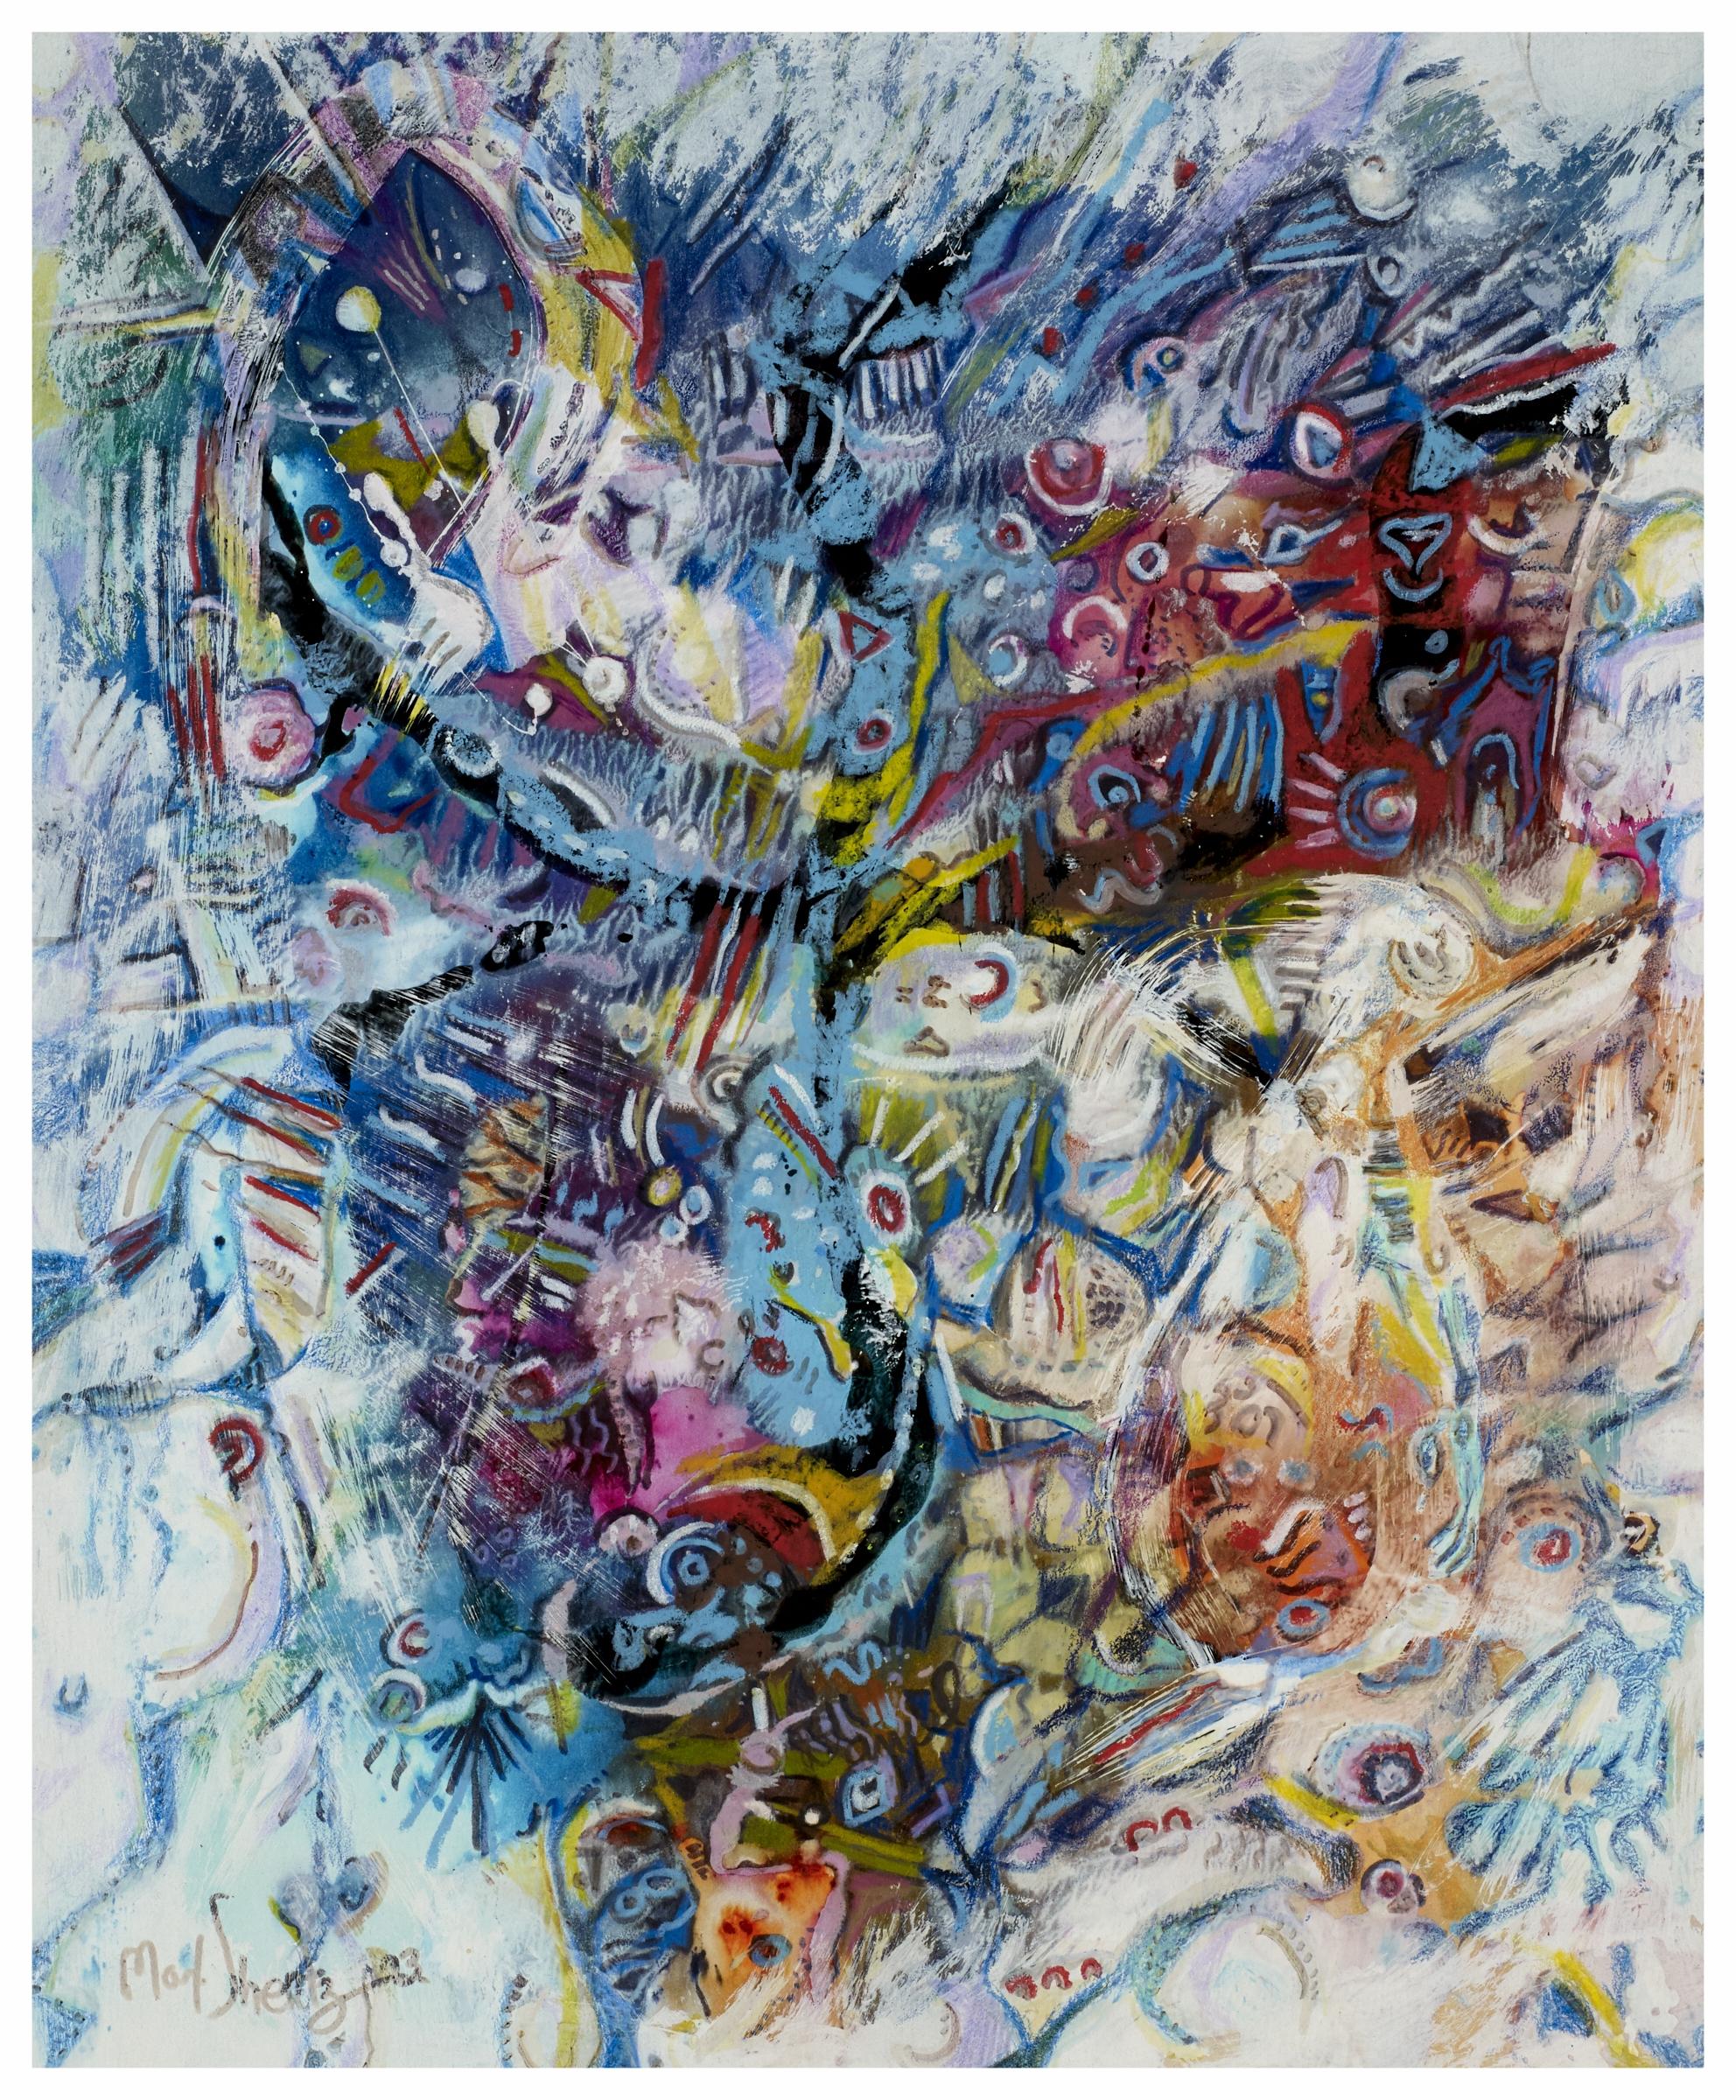 Futuristic Symphony 1993 17x14 Mixed Medium